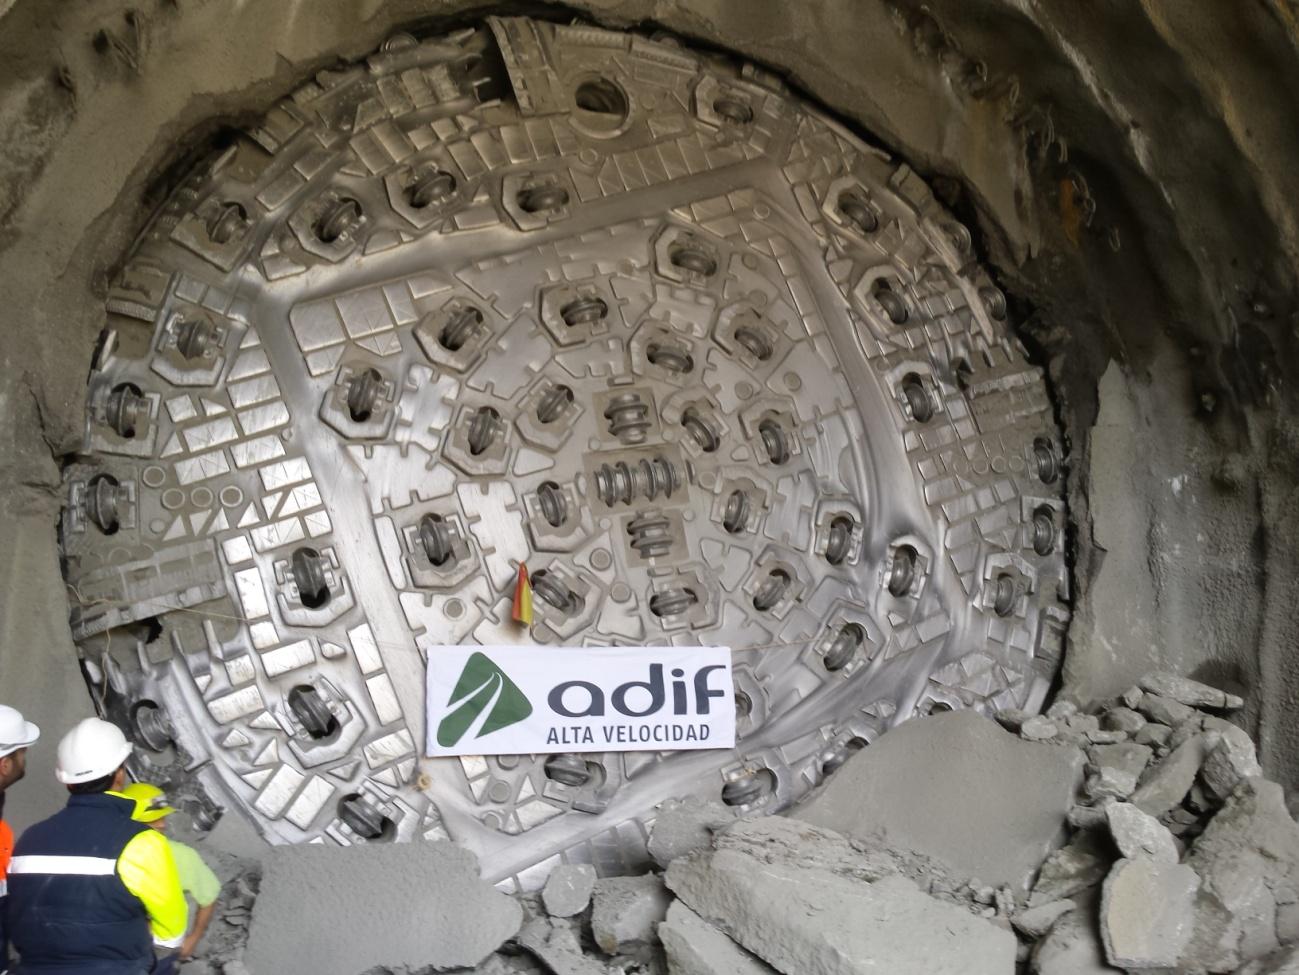 Tuneladora Túnel de Bolaños Diseño de túneles y obras subterráneas Projectes subterranis underground projects